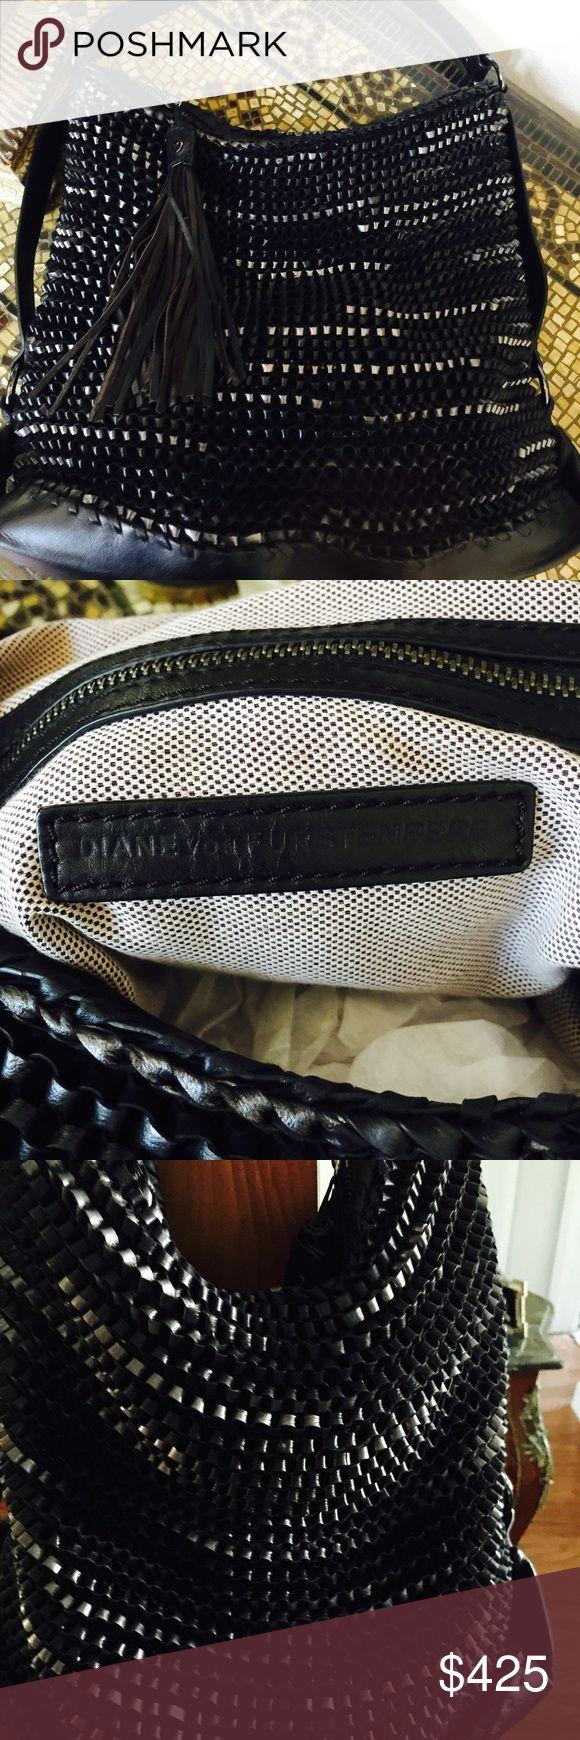 🌟SOLD🌟Diane Von Furstenberg Stephanie bag Gorgeous DVF bag with zipper closure. Excellent condition! Rare find! Diane von Furstenberg Bags